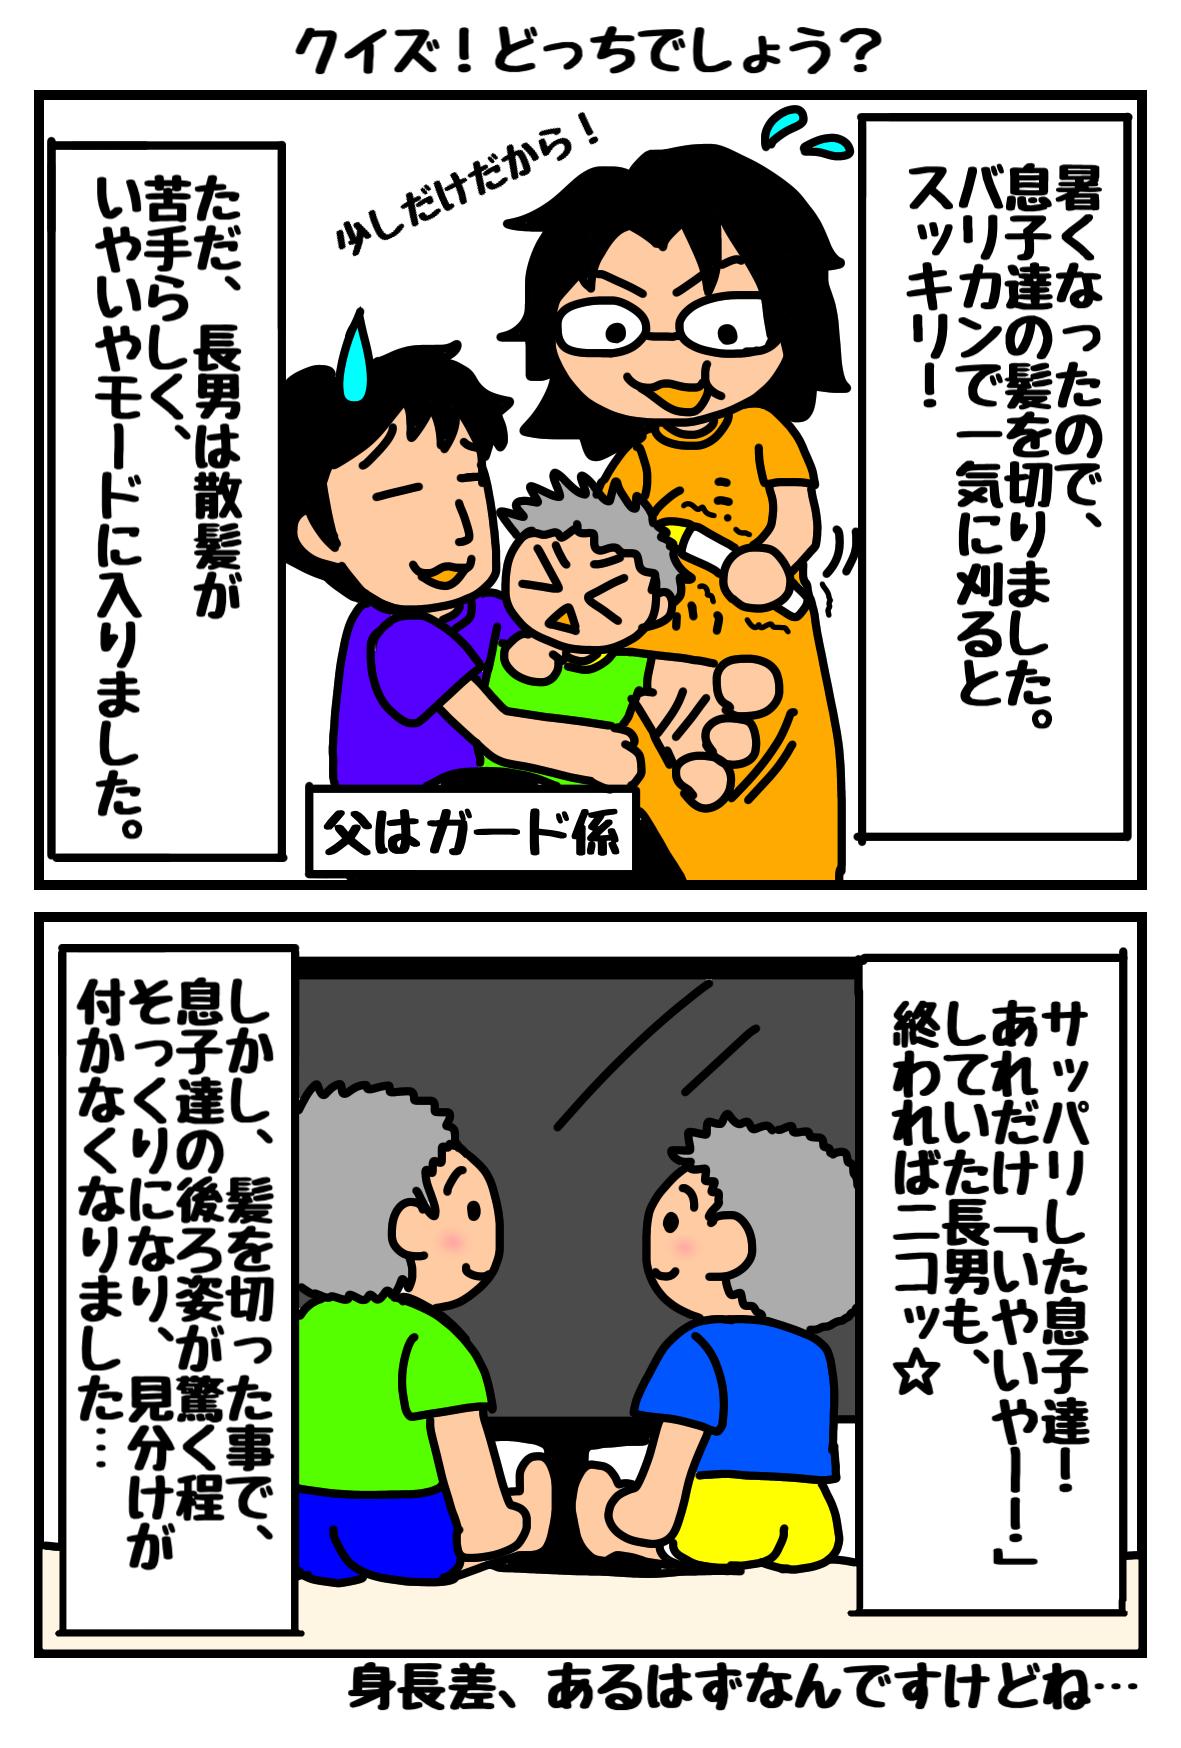 2コマ漫画12.png